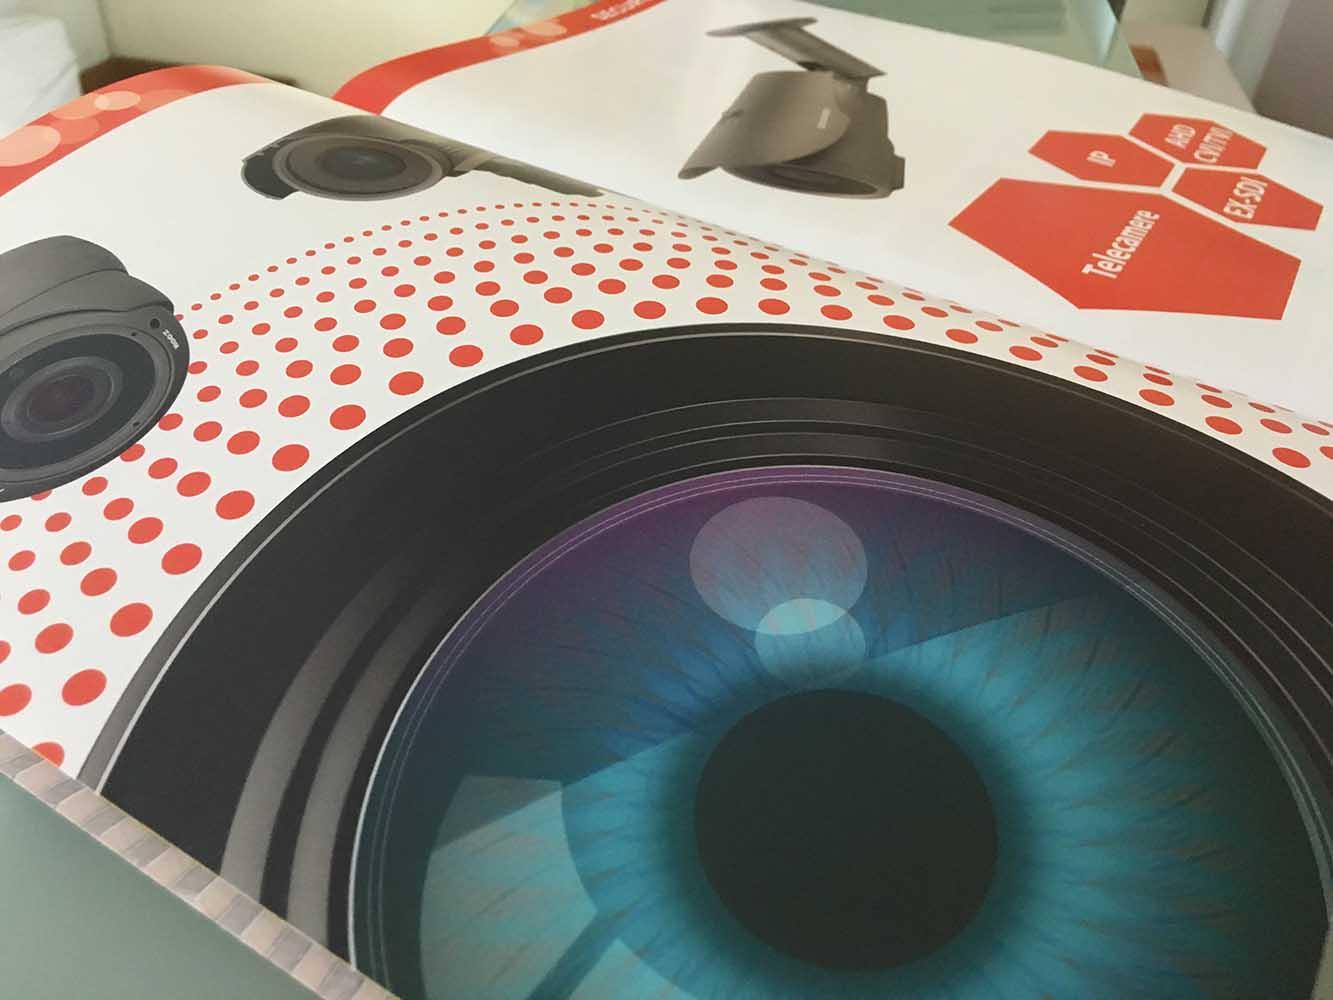 realizzazione catalogo Spotvision Asti